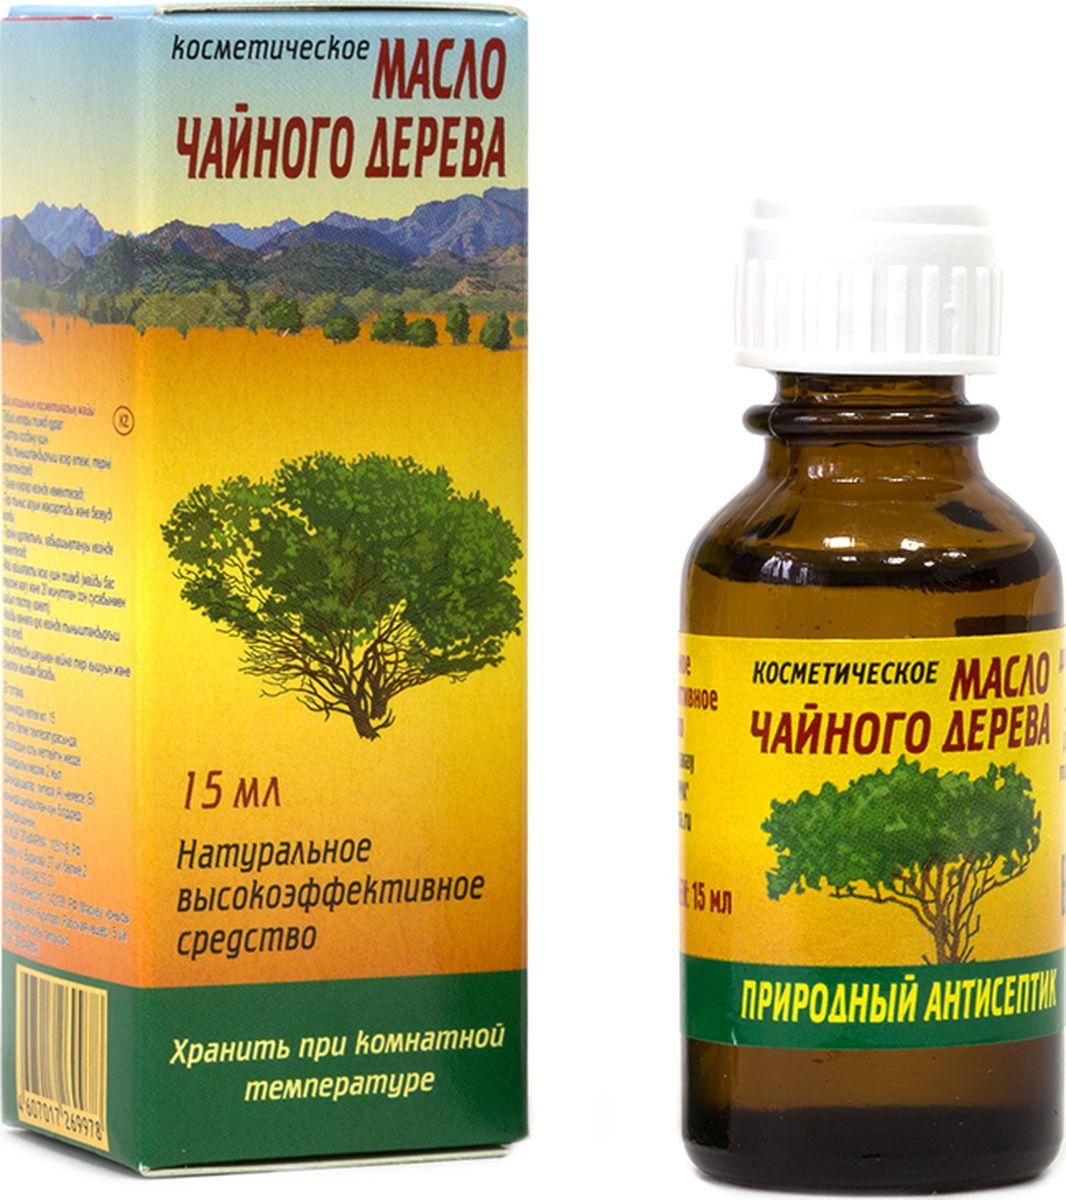 Elfarma Косметическое масло Чайного дерева, 15 мл00000001064Природный антисептик, Широчайший спектр применения. Для очищения лица, удаления перхоти. От укусов насекомых.